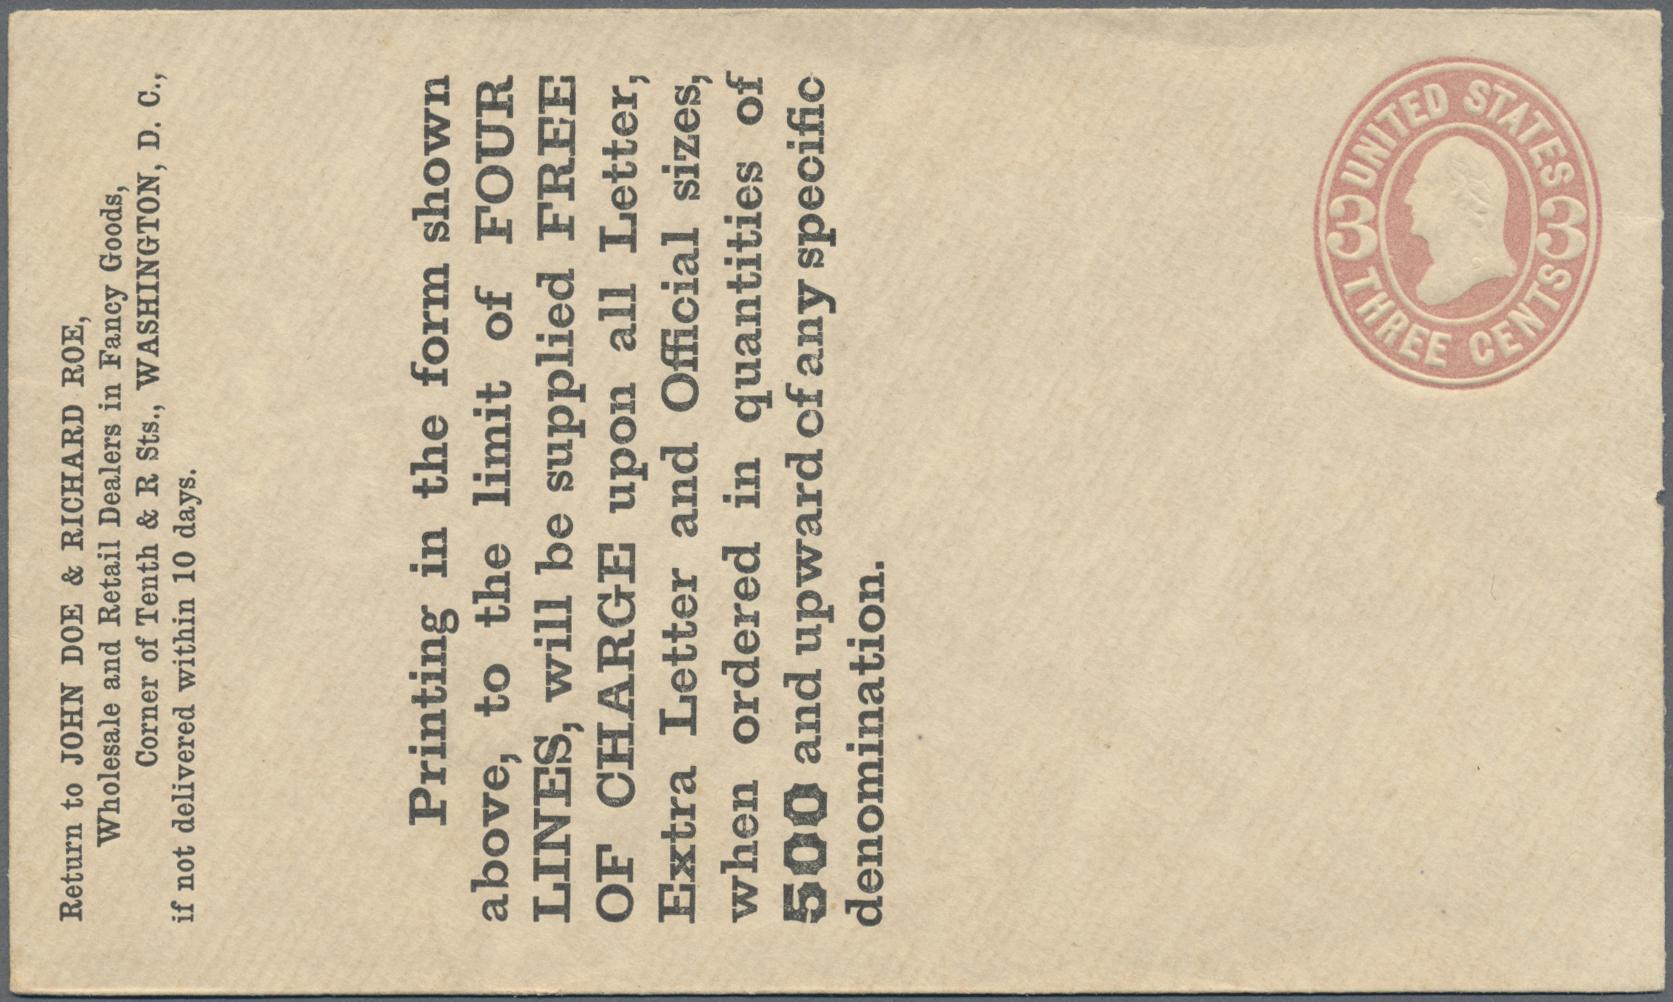 Lot 14770 - Vereinigte Staaten von Amerika - Ganzsachen  -  Auktionshaus Christoph Gärtner GmbH & Co. KG Sale #48 collections Overseas  Airmail / Ship mail & Thematics